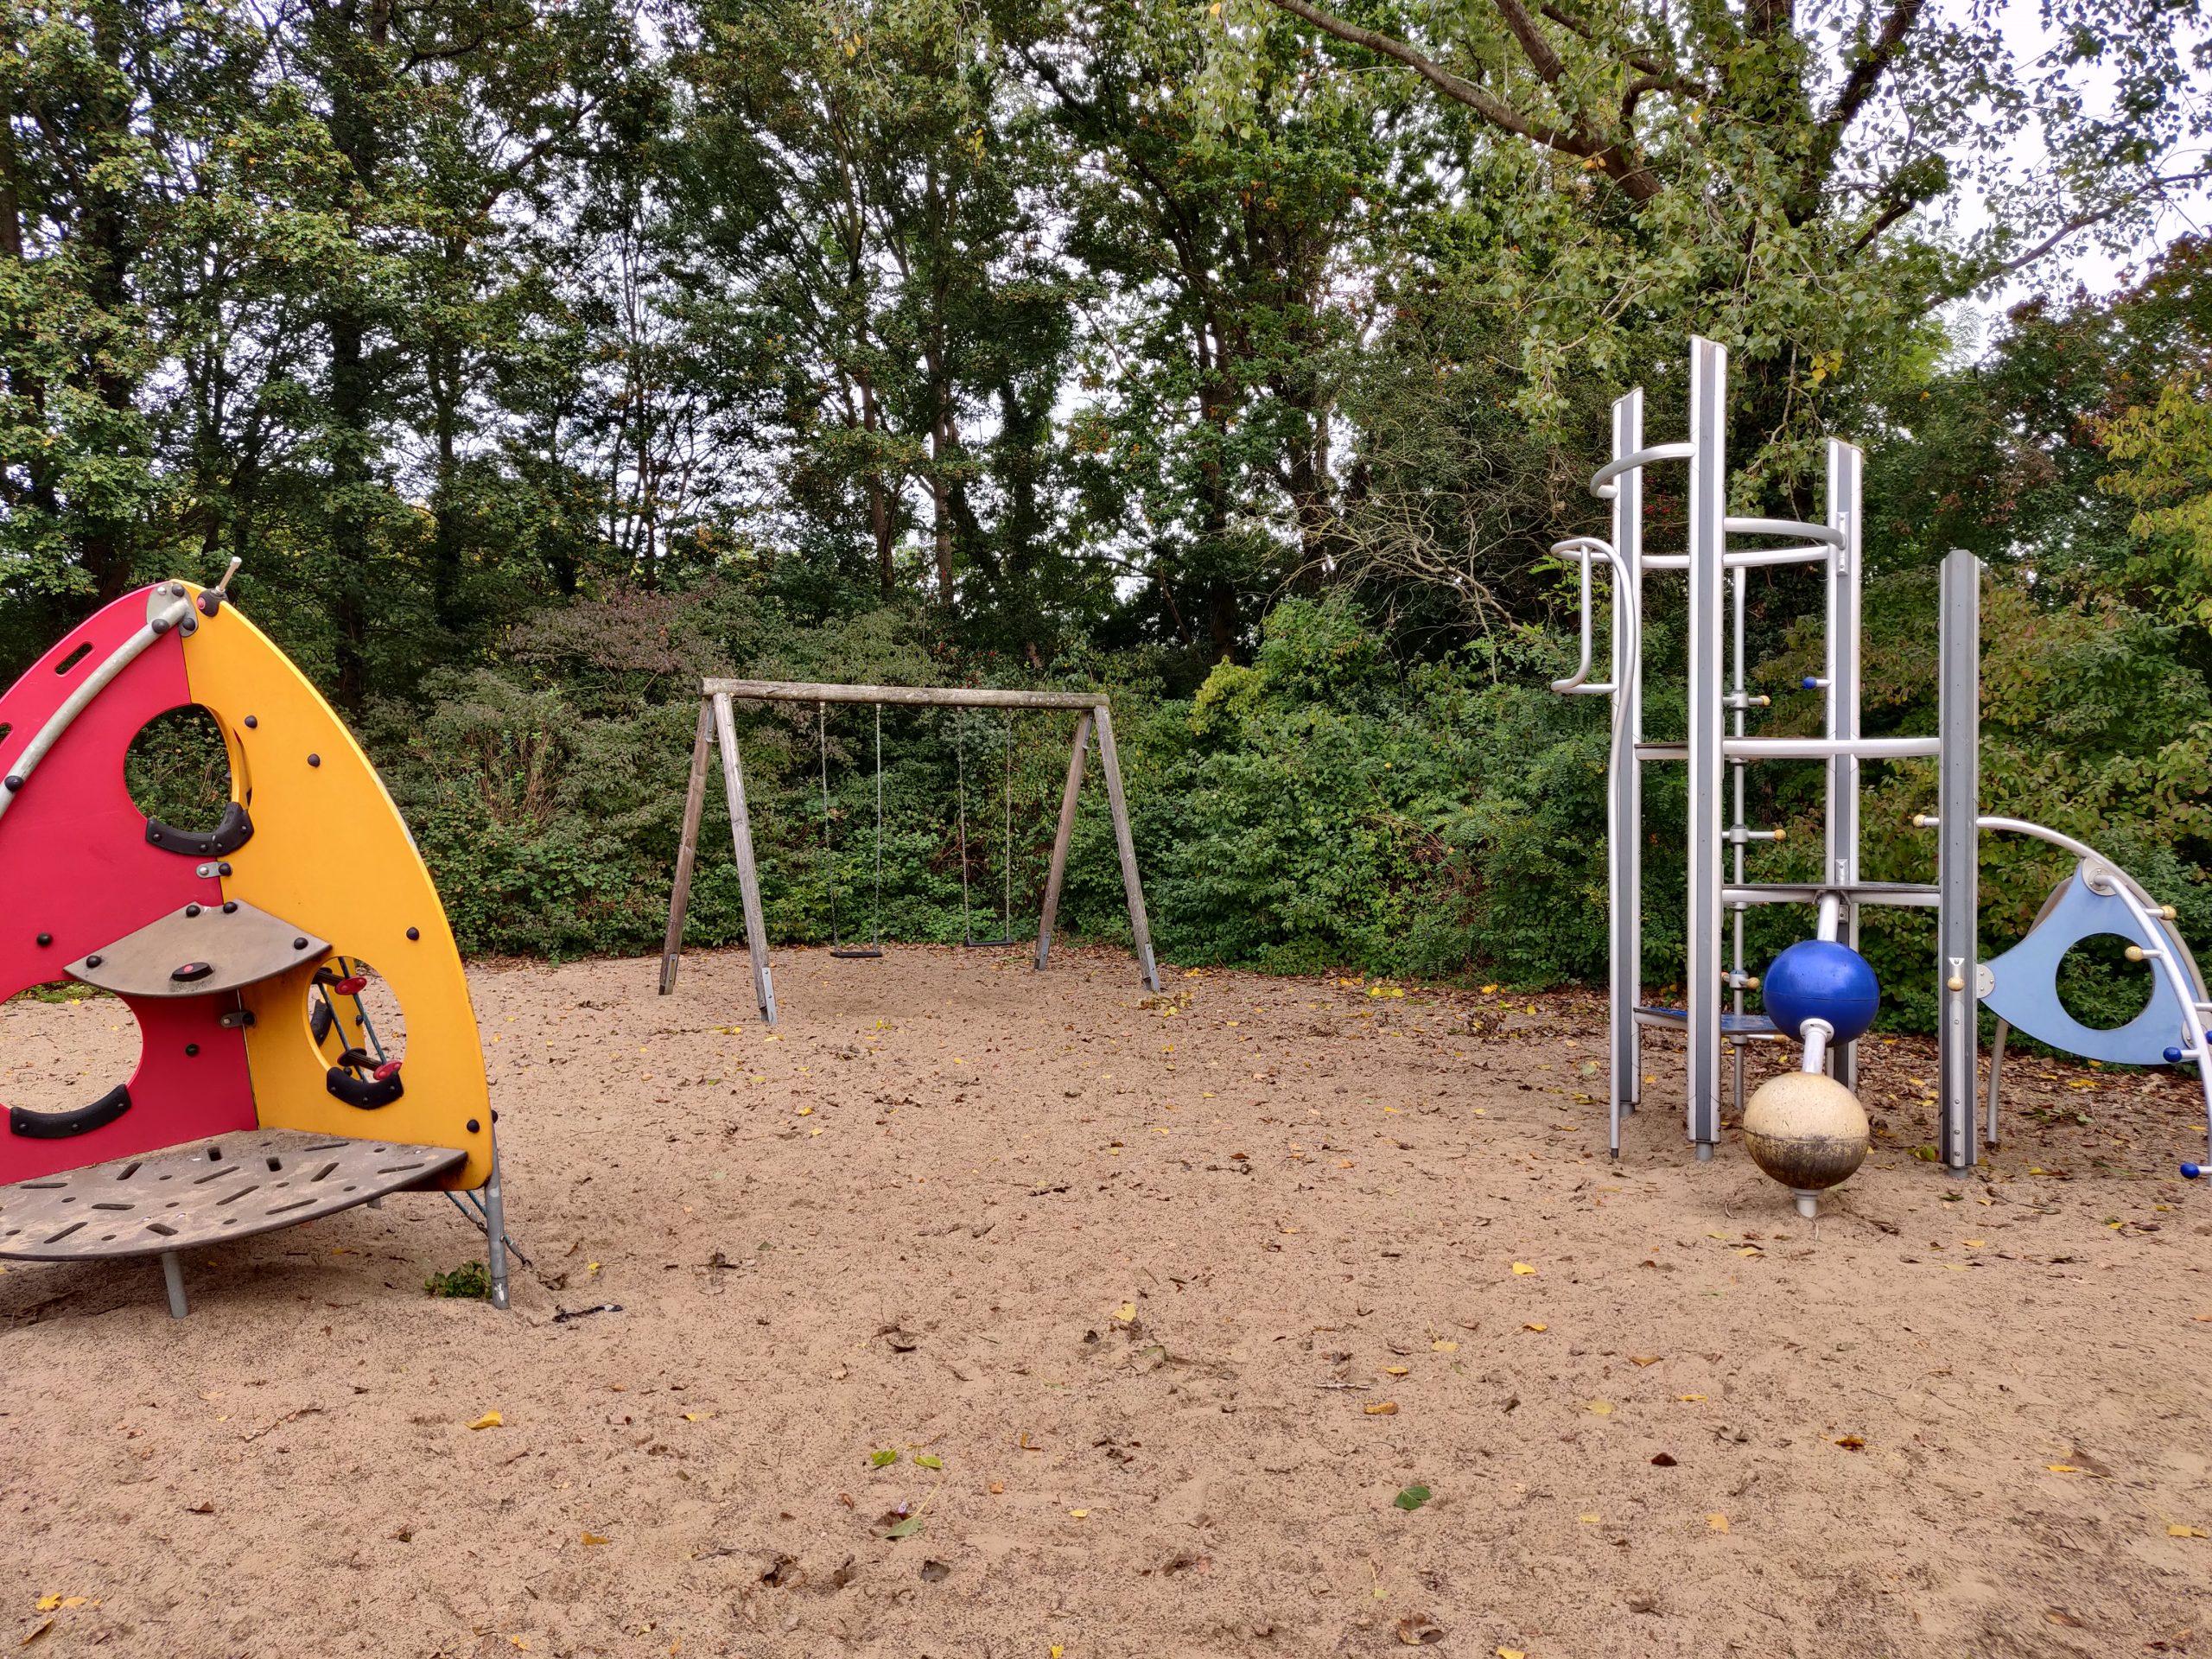 Klettergerüst Burg Spielplatz